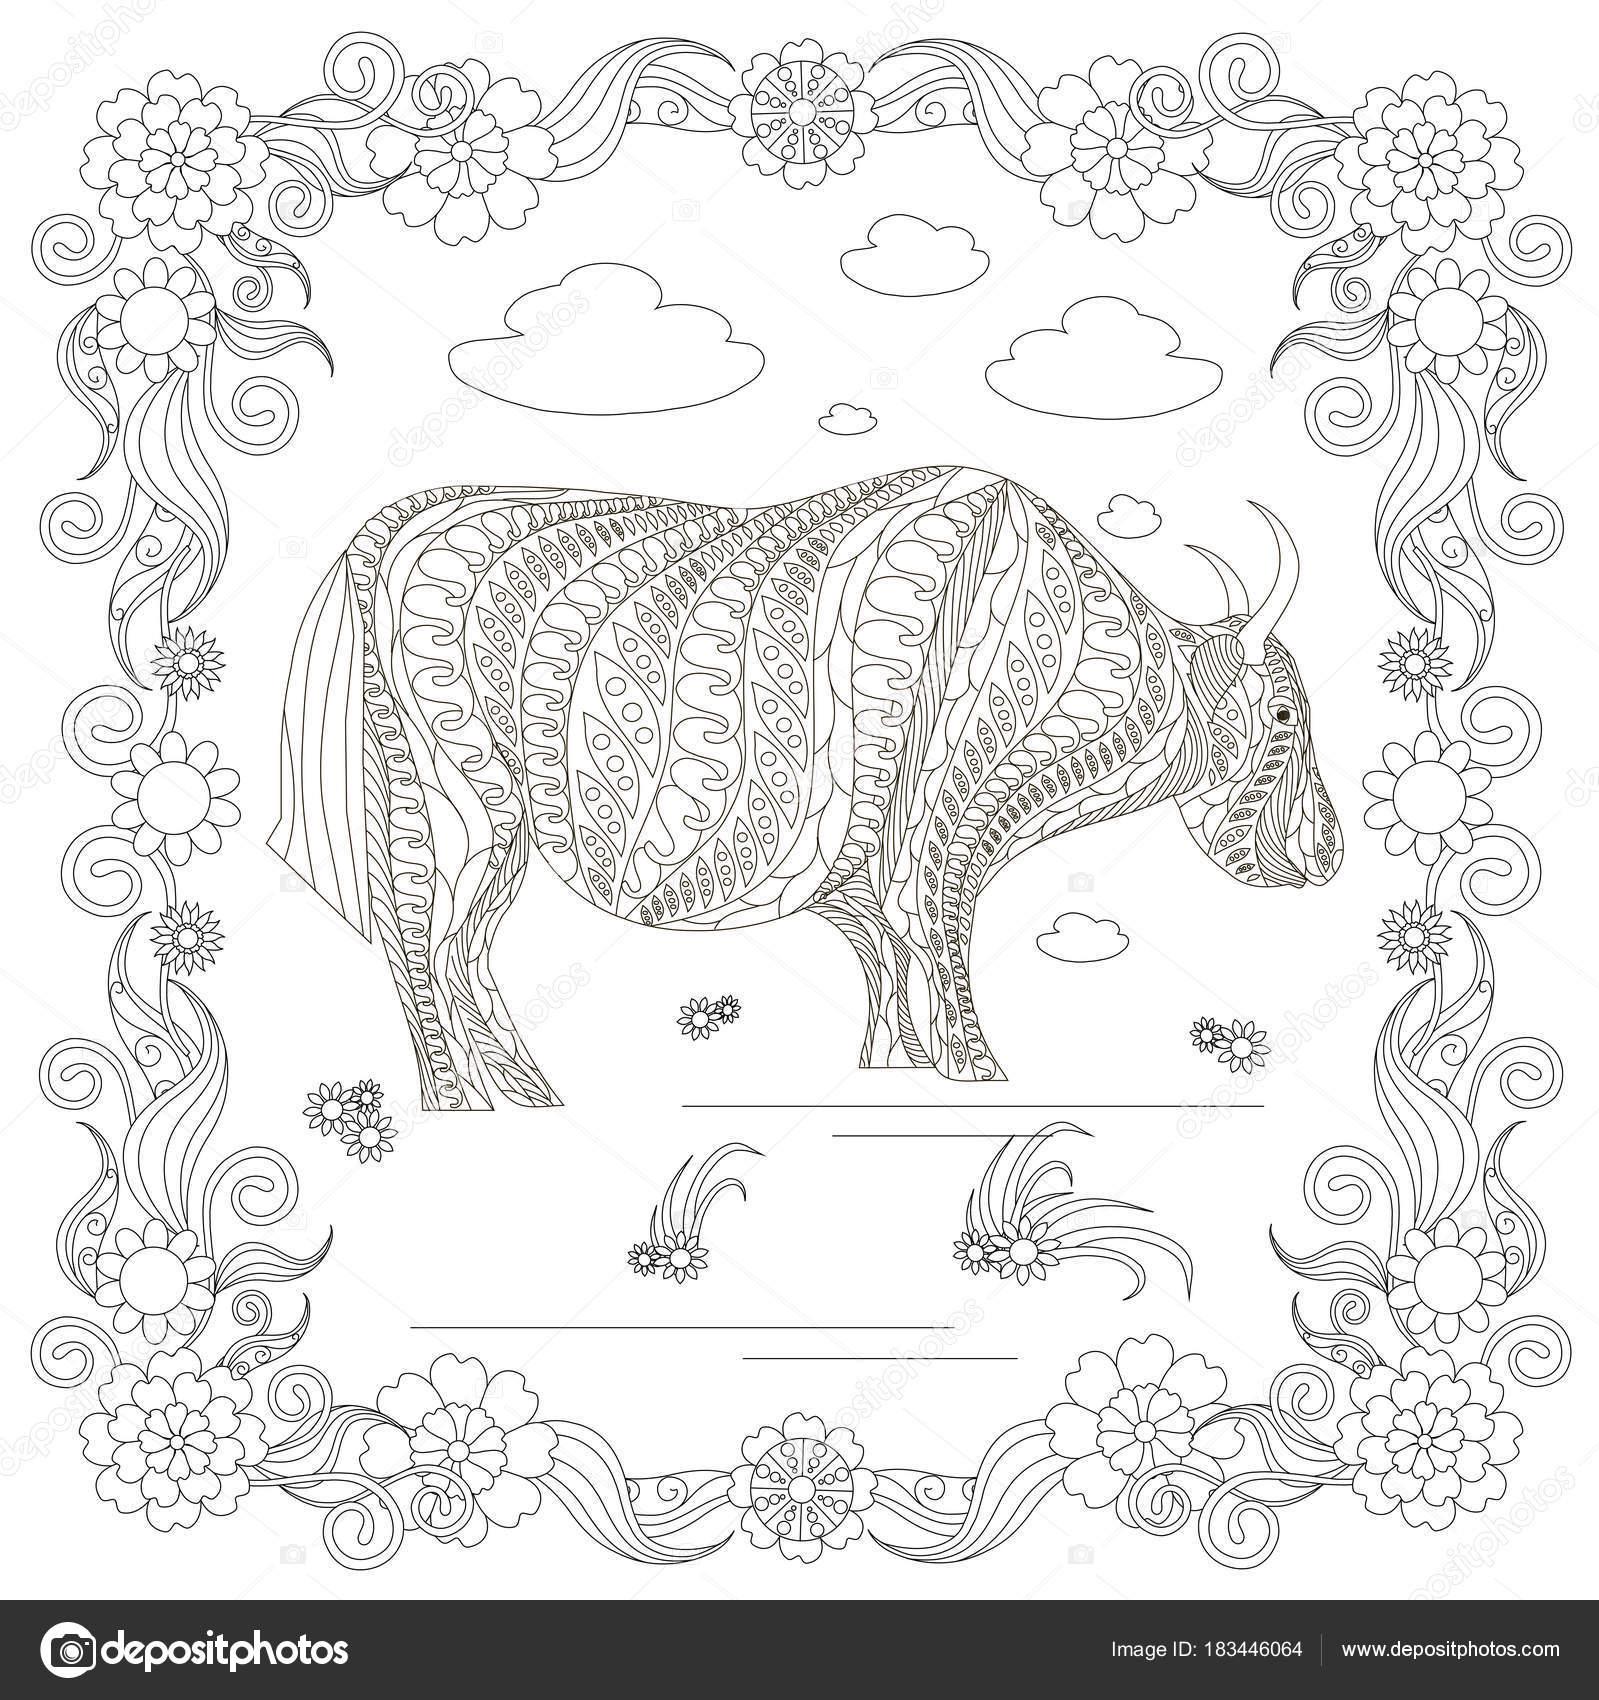 Monochrom Doodle Hand Gezeichnete Yak Wolken Blumen Rahmen Stress ...